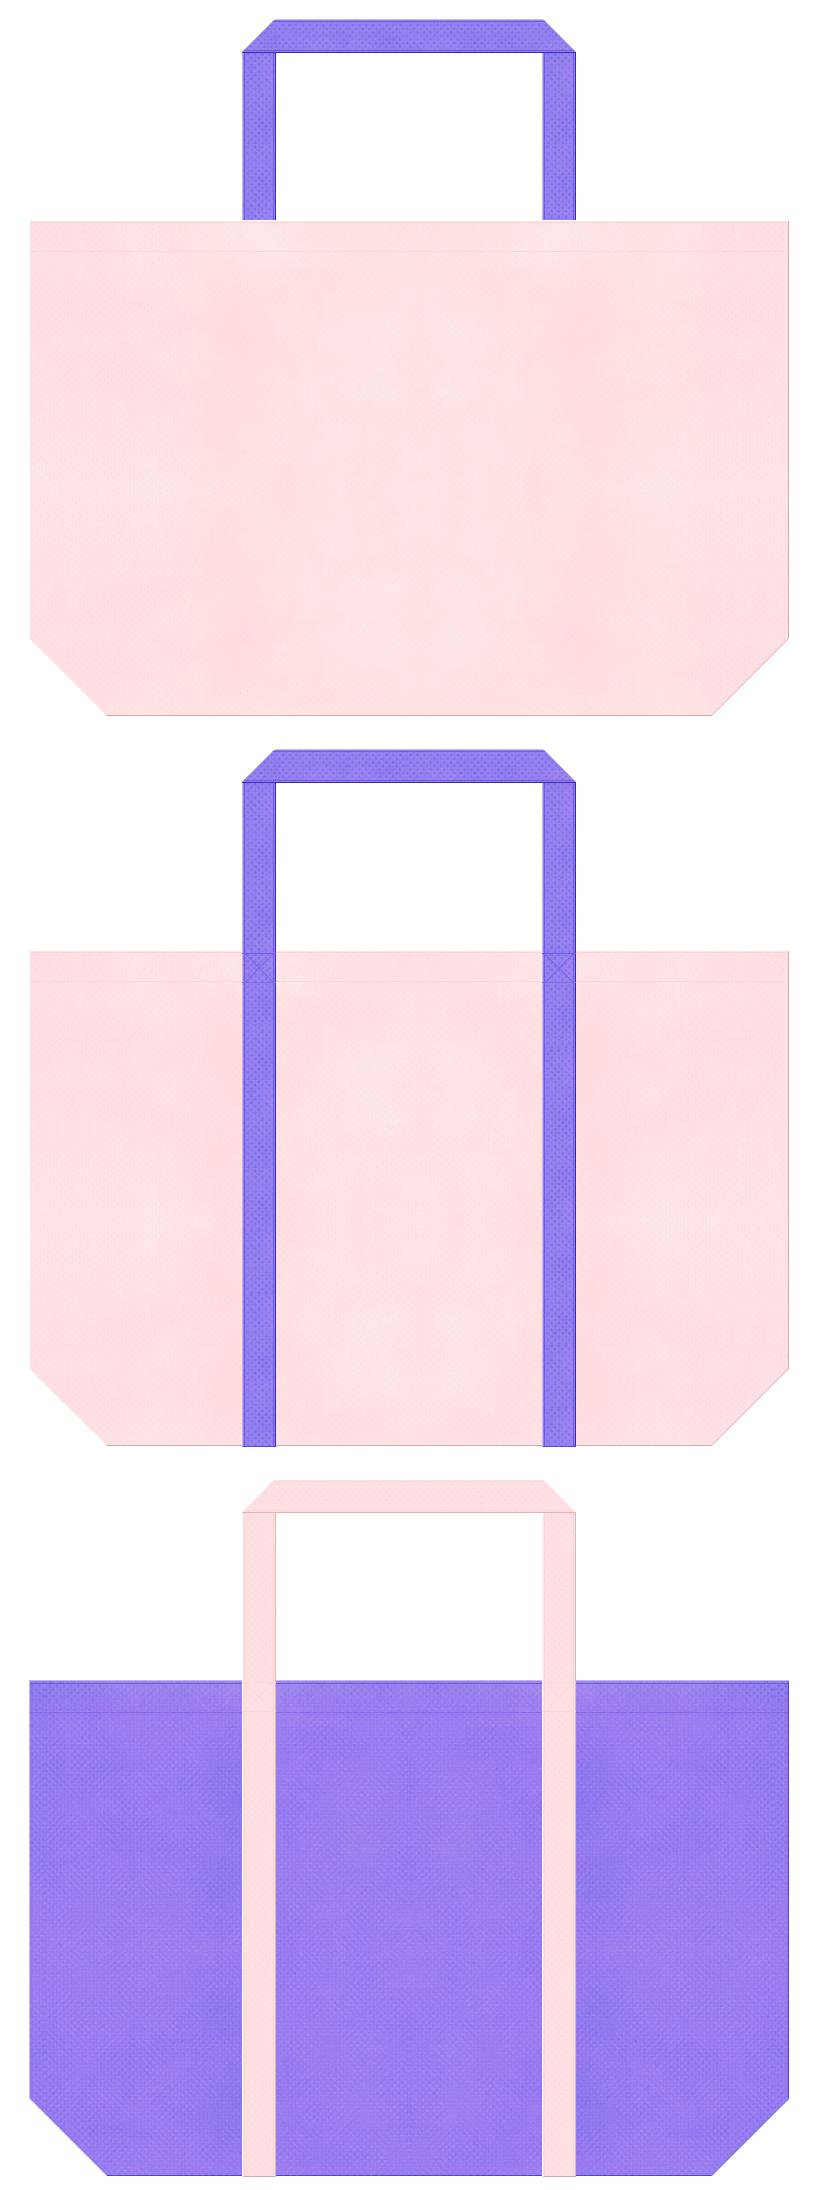 桜色と薄紫色の不織布ショッピングバッグデザイン。福祉・介護用品の包装にお奨めの配色です。